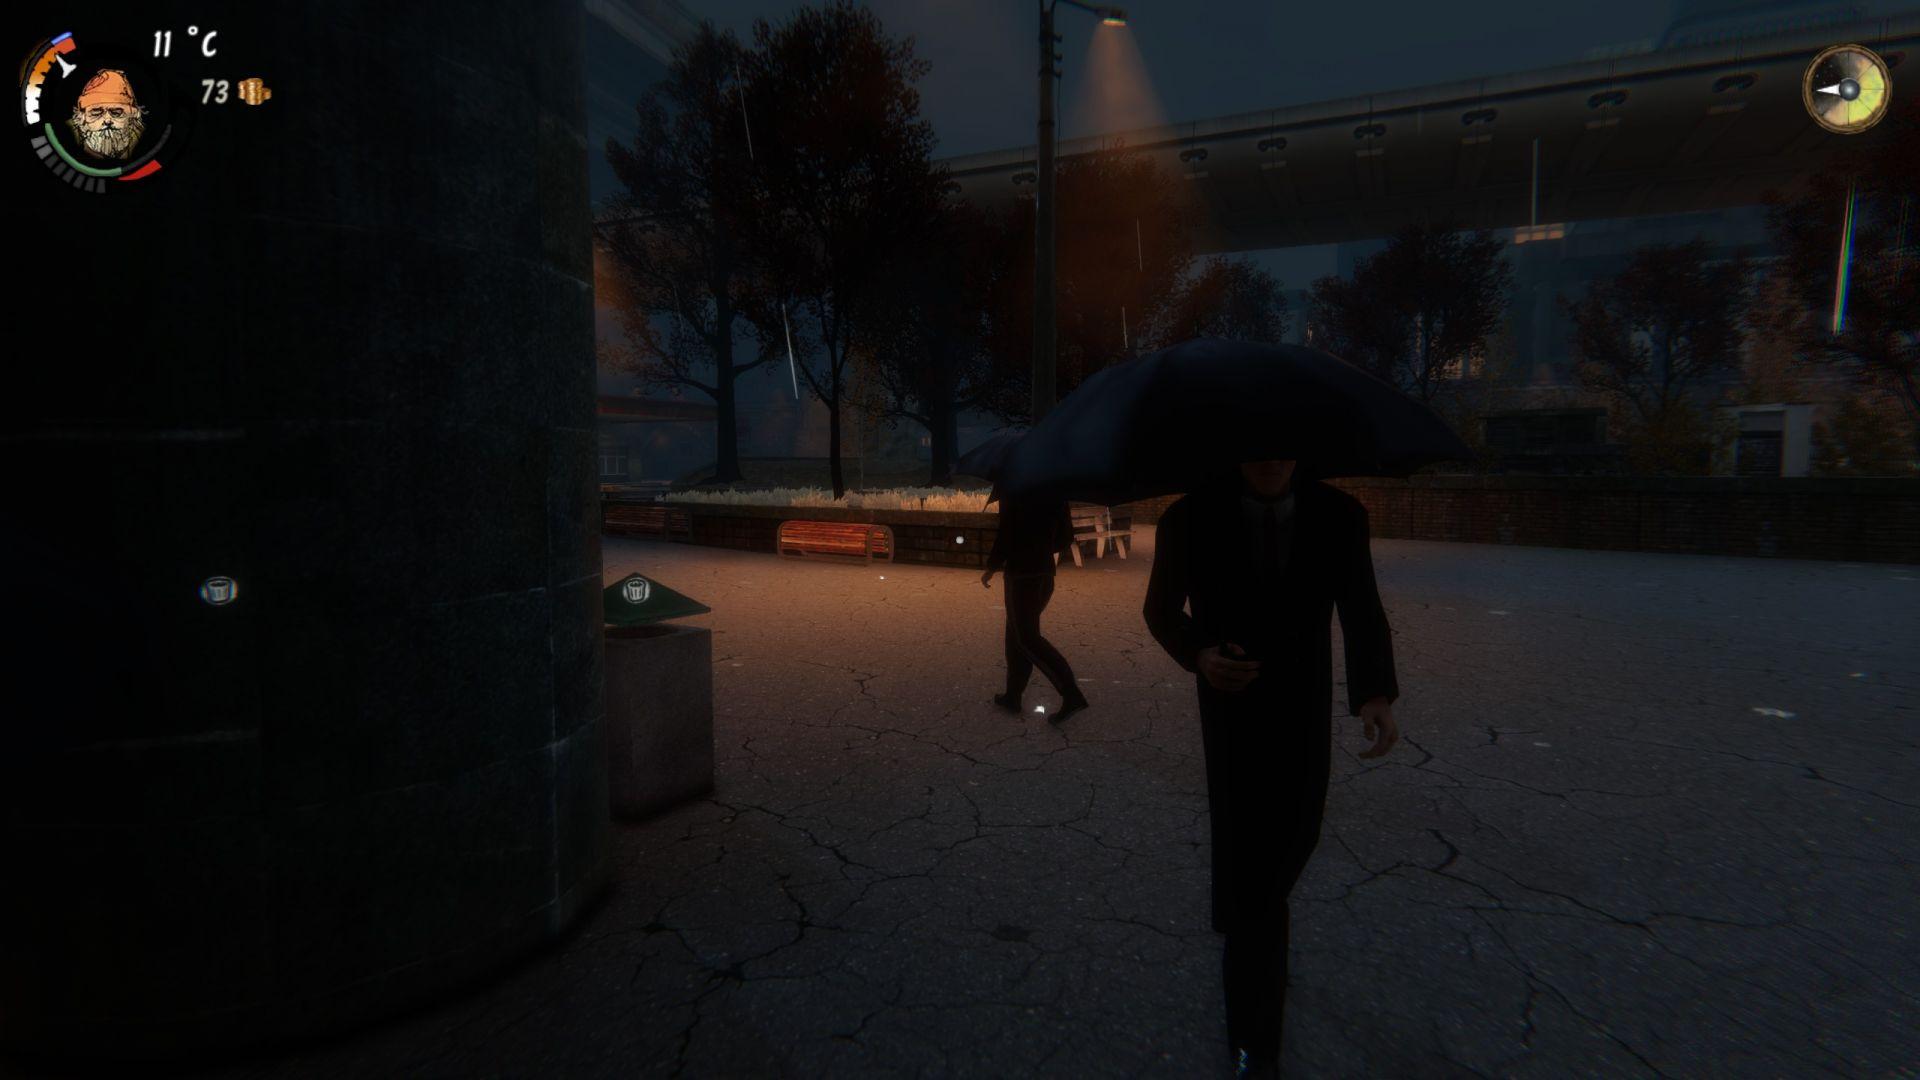 Deštivý večer, aneb bezdomovcova noční můra...